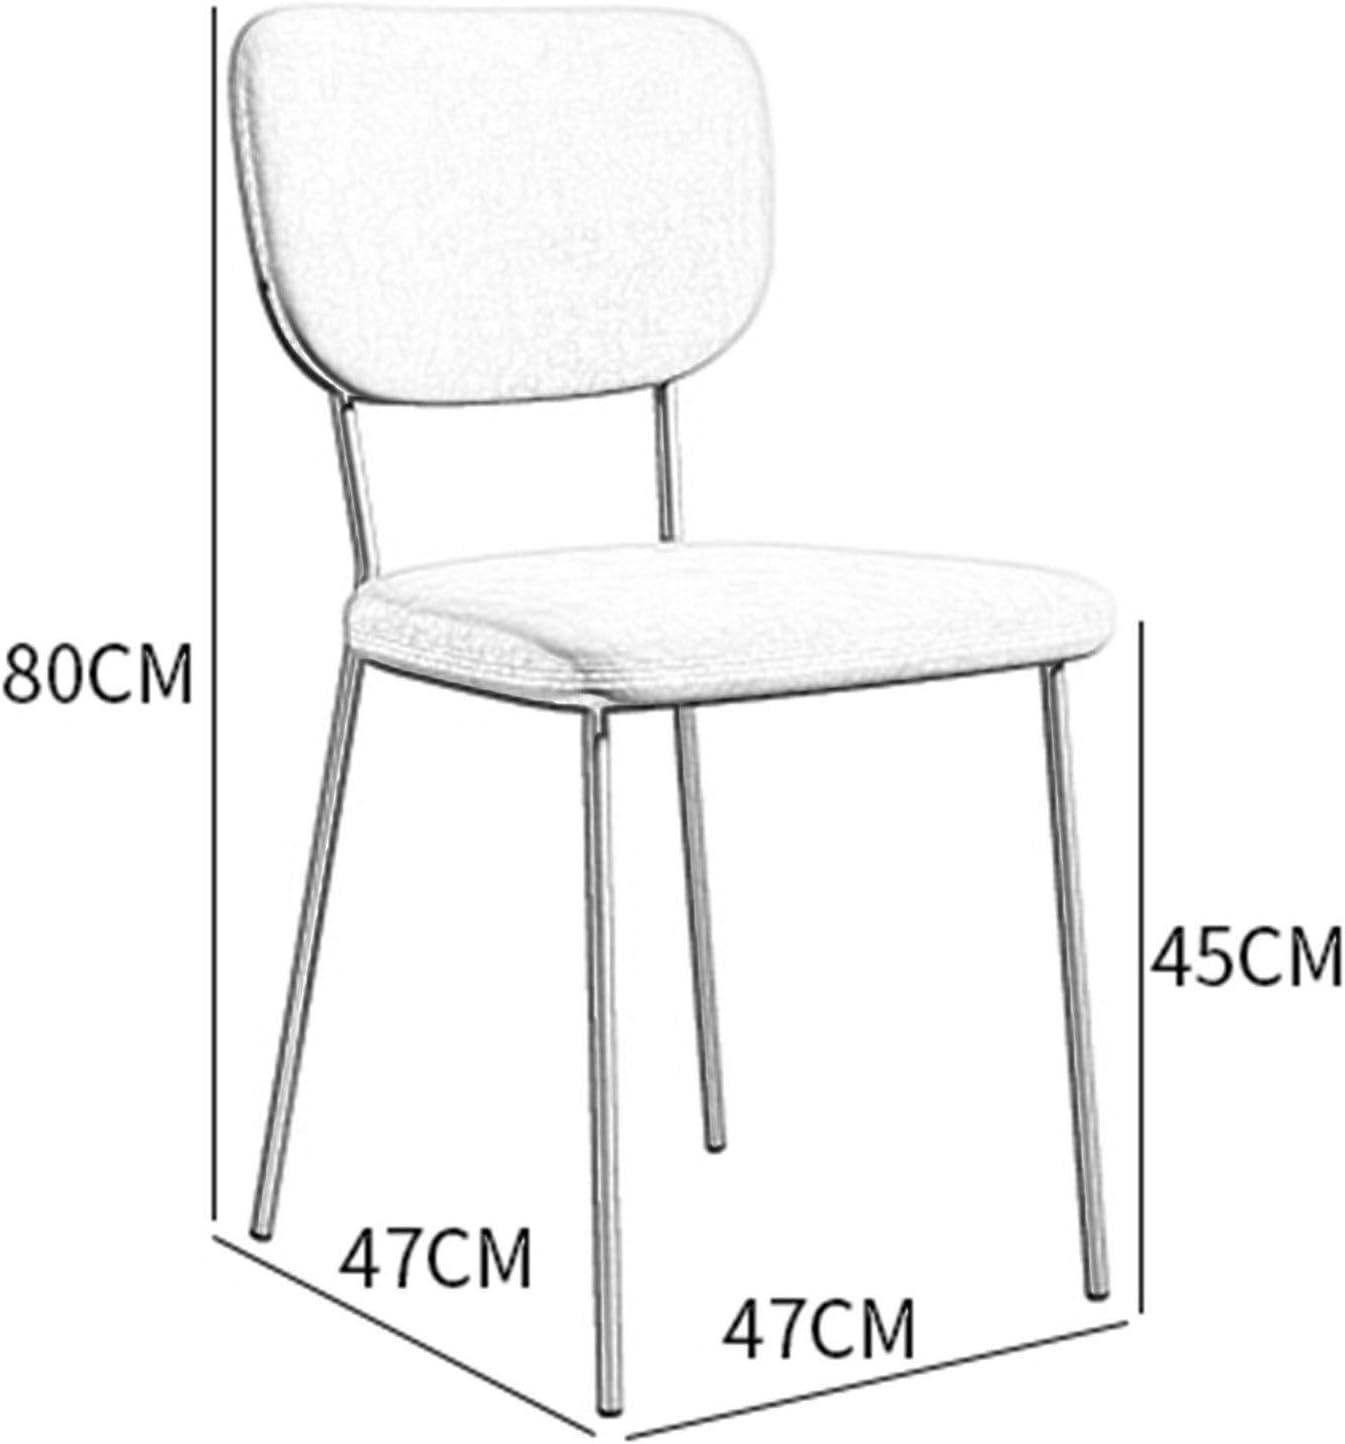 Europe du Nord Chaises de salle à manger Siège en velours Jambes dorées Pattes métalliques robustes Moderne Chaise cuisine for Bureau Salle à manger 1 PCS (Color : Green) Green